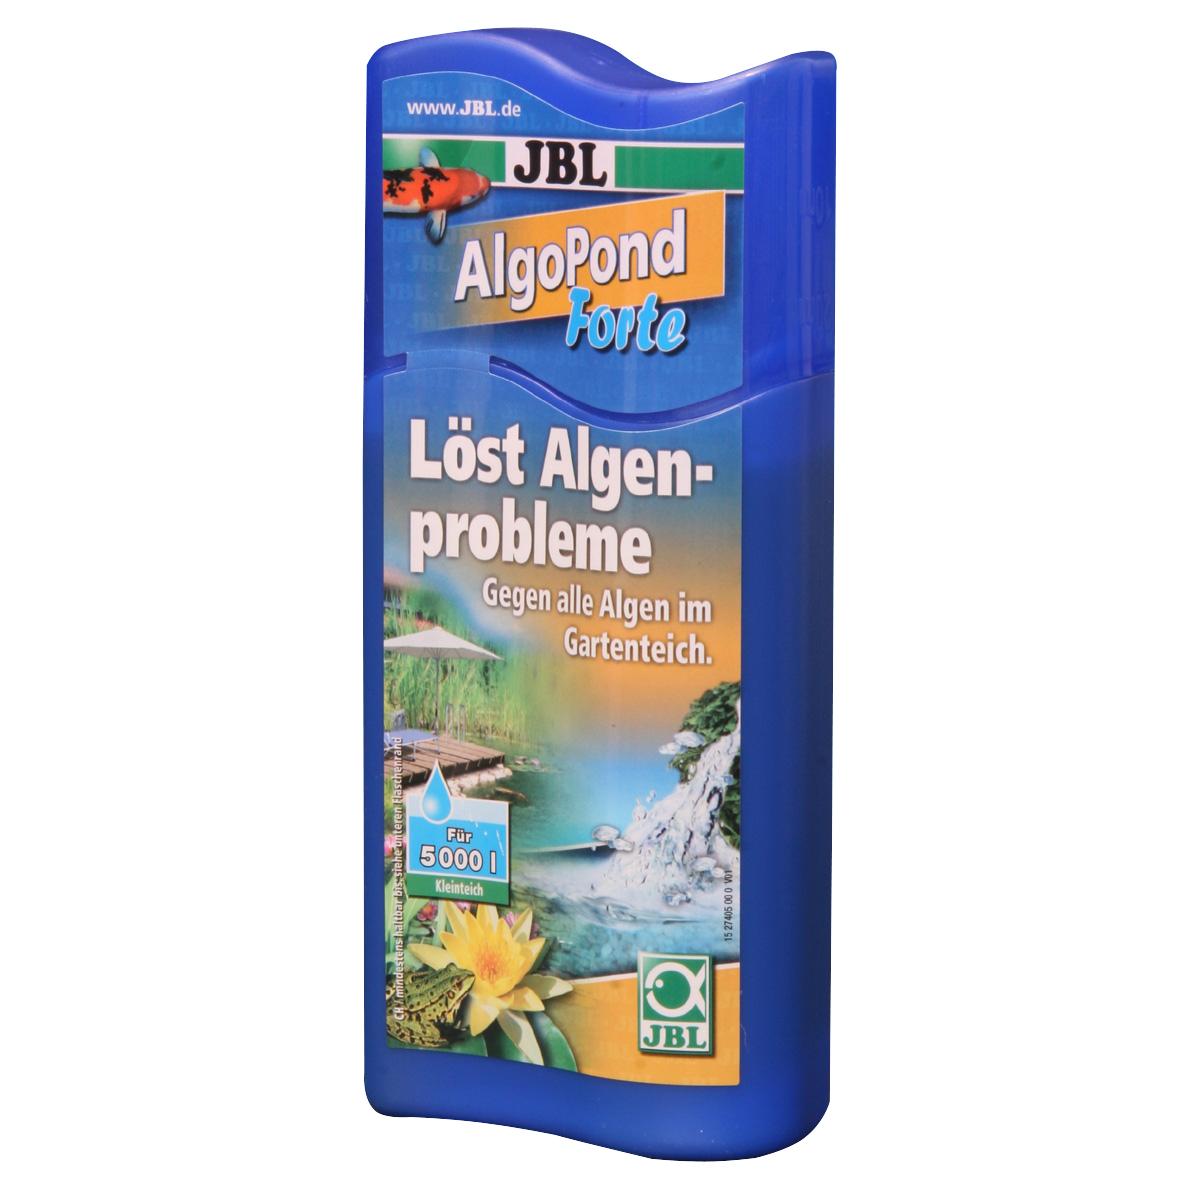 JBL AlgoPond Forte Wasseraufbereiter löst Algenprobleme für Gartenteiche 250 ml